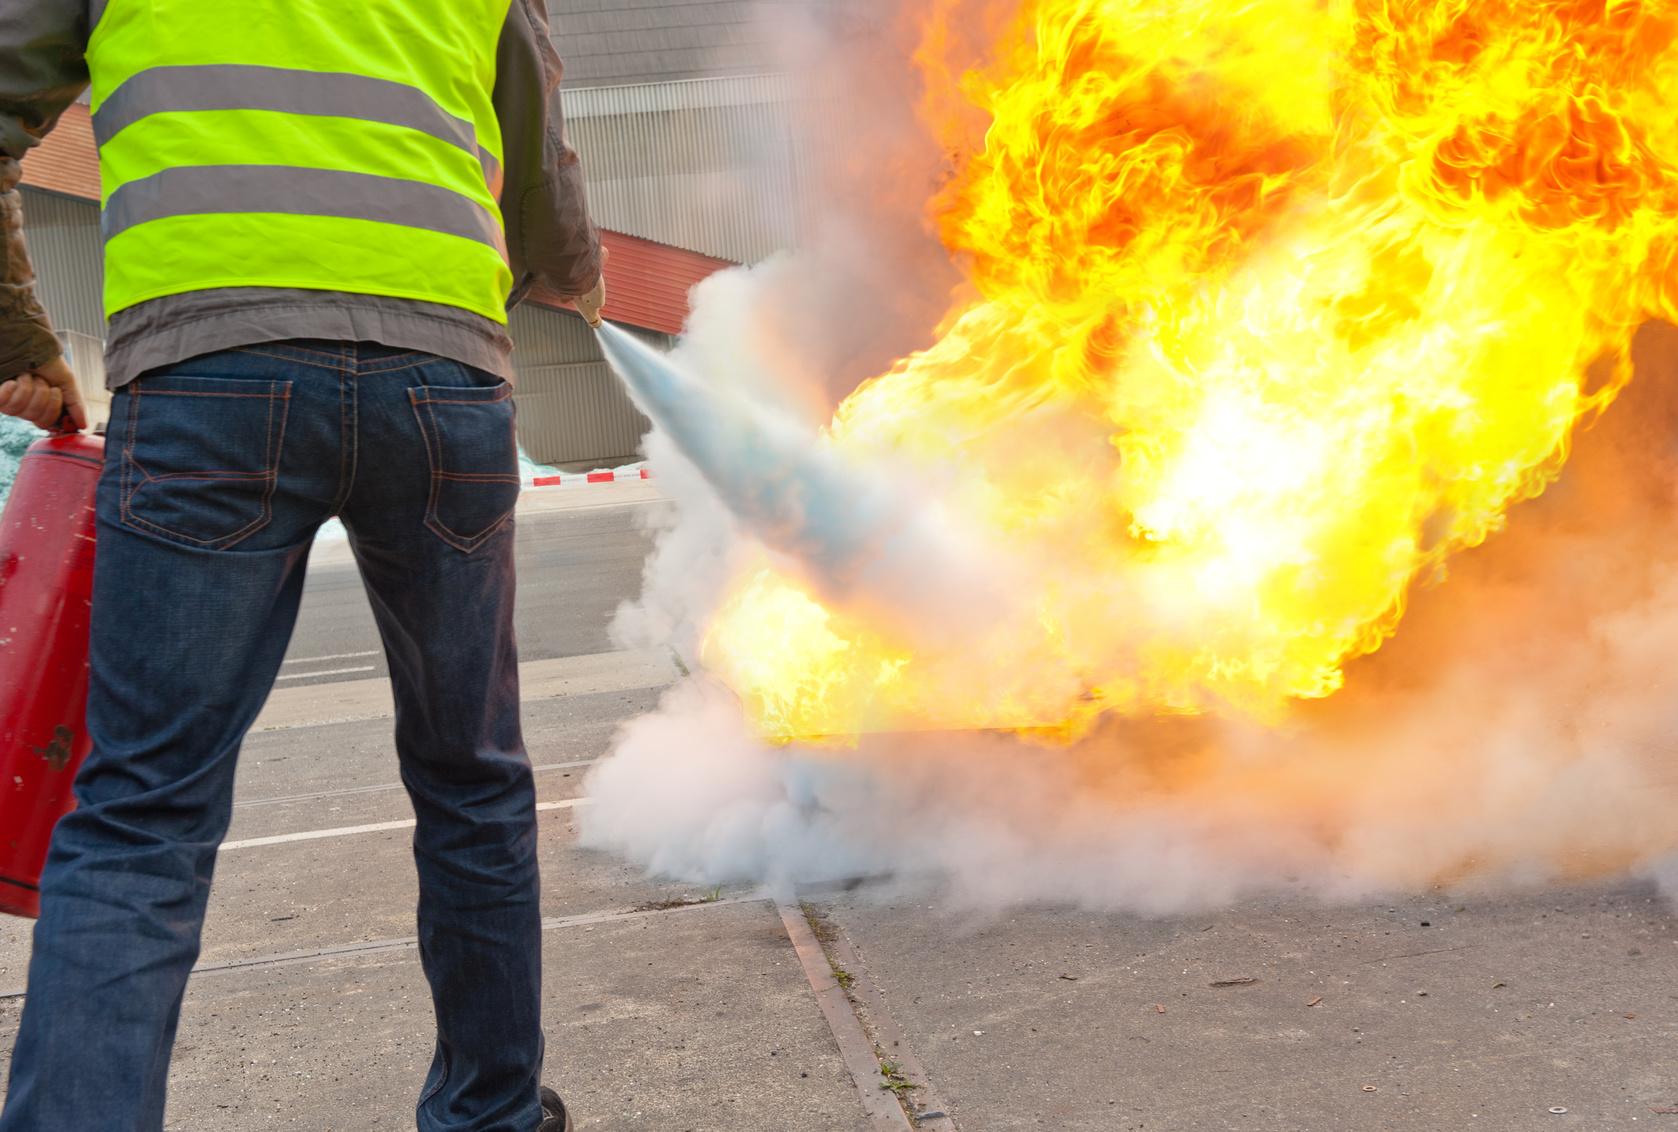 Mann löscht einen Brand mit Feuerlöscher